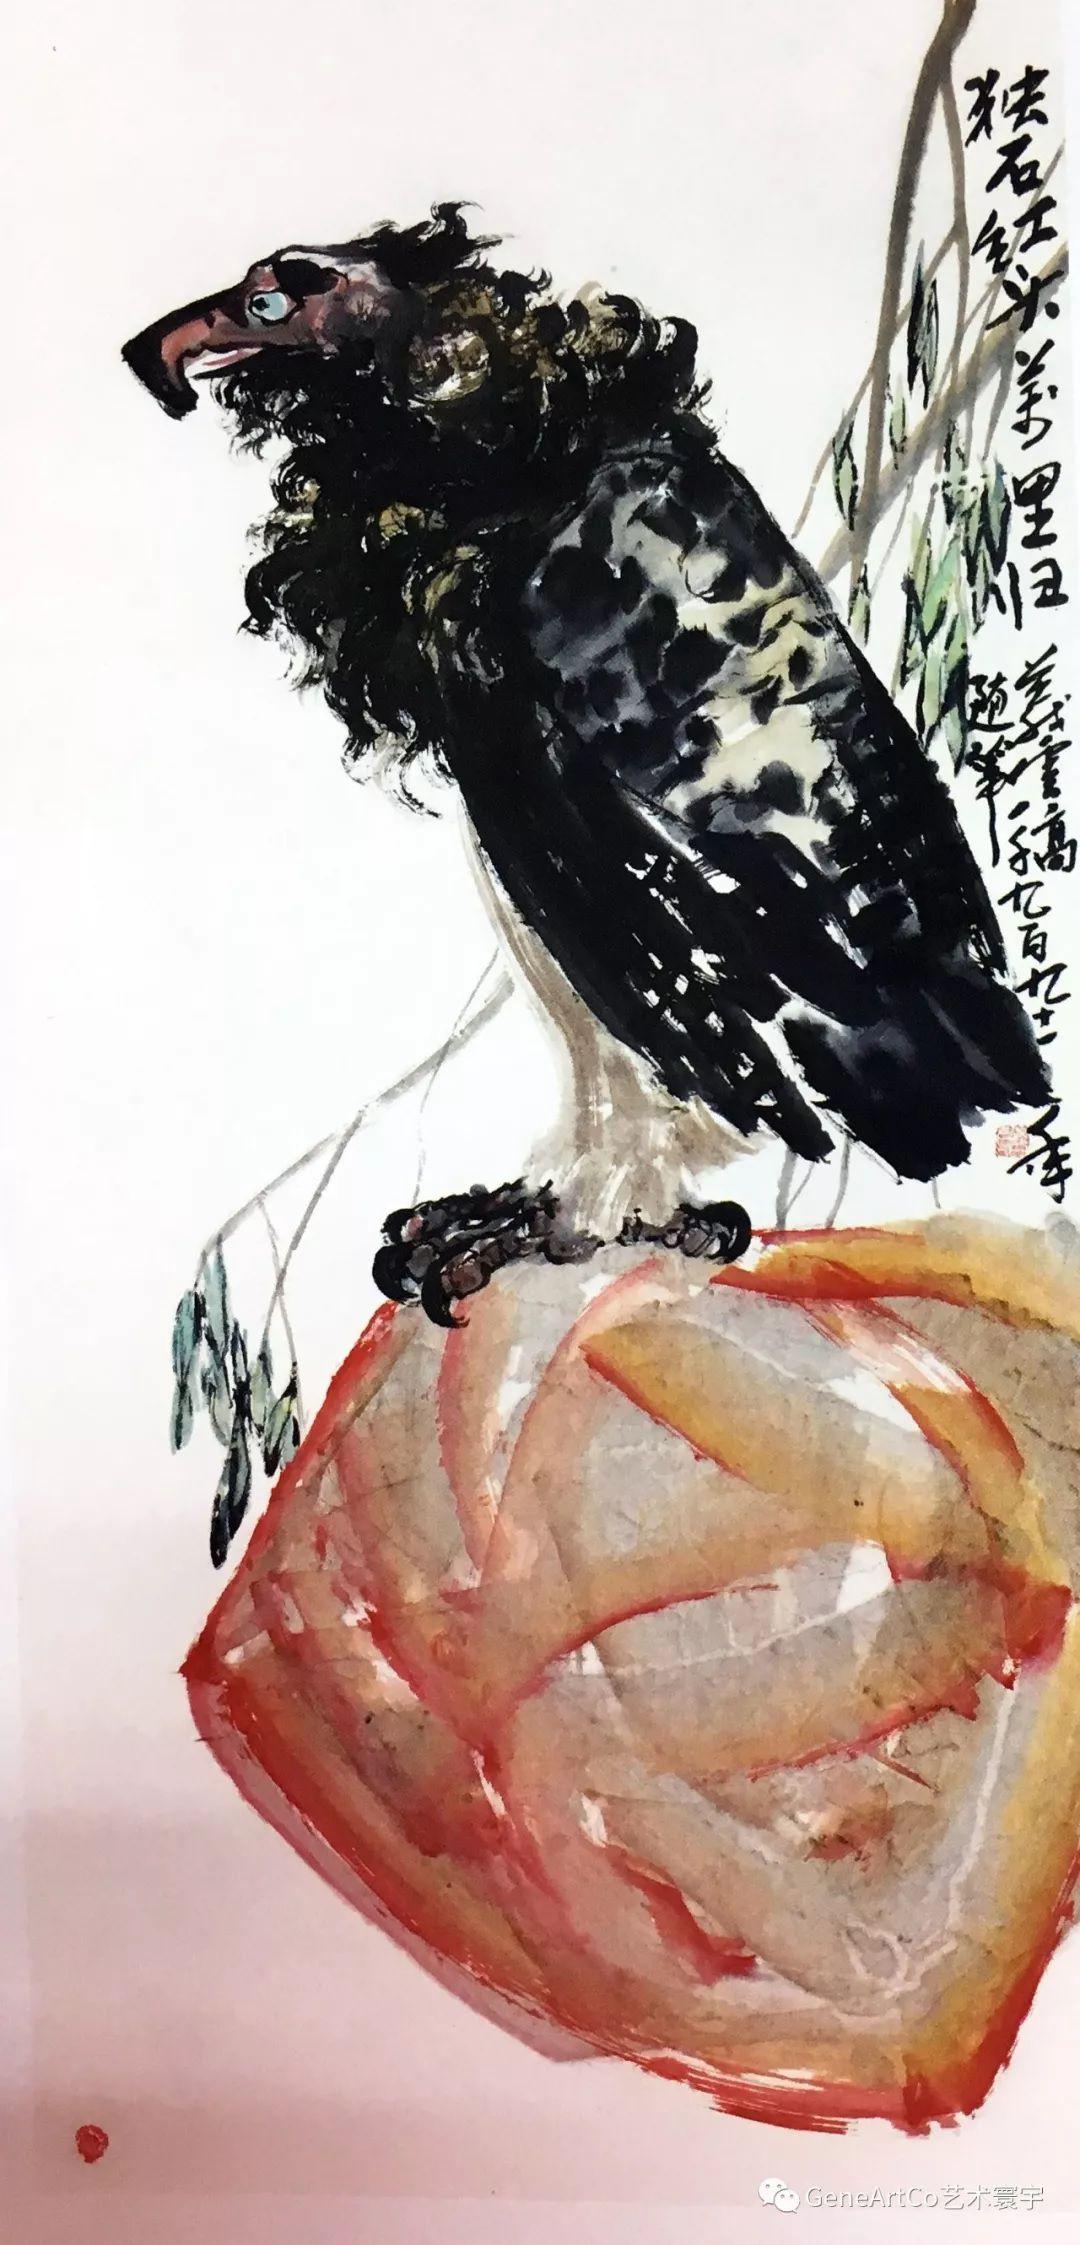 國畫《獨石紅頭》呈現了用生命鑄造的藝術精魂(蜀行健)